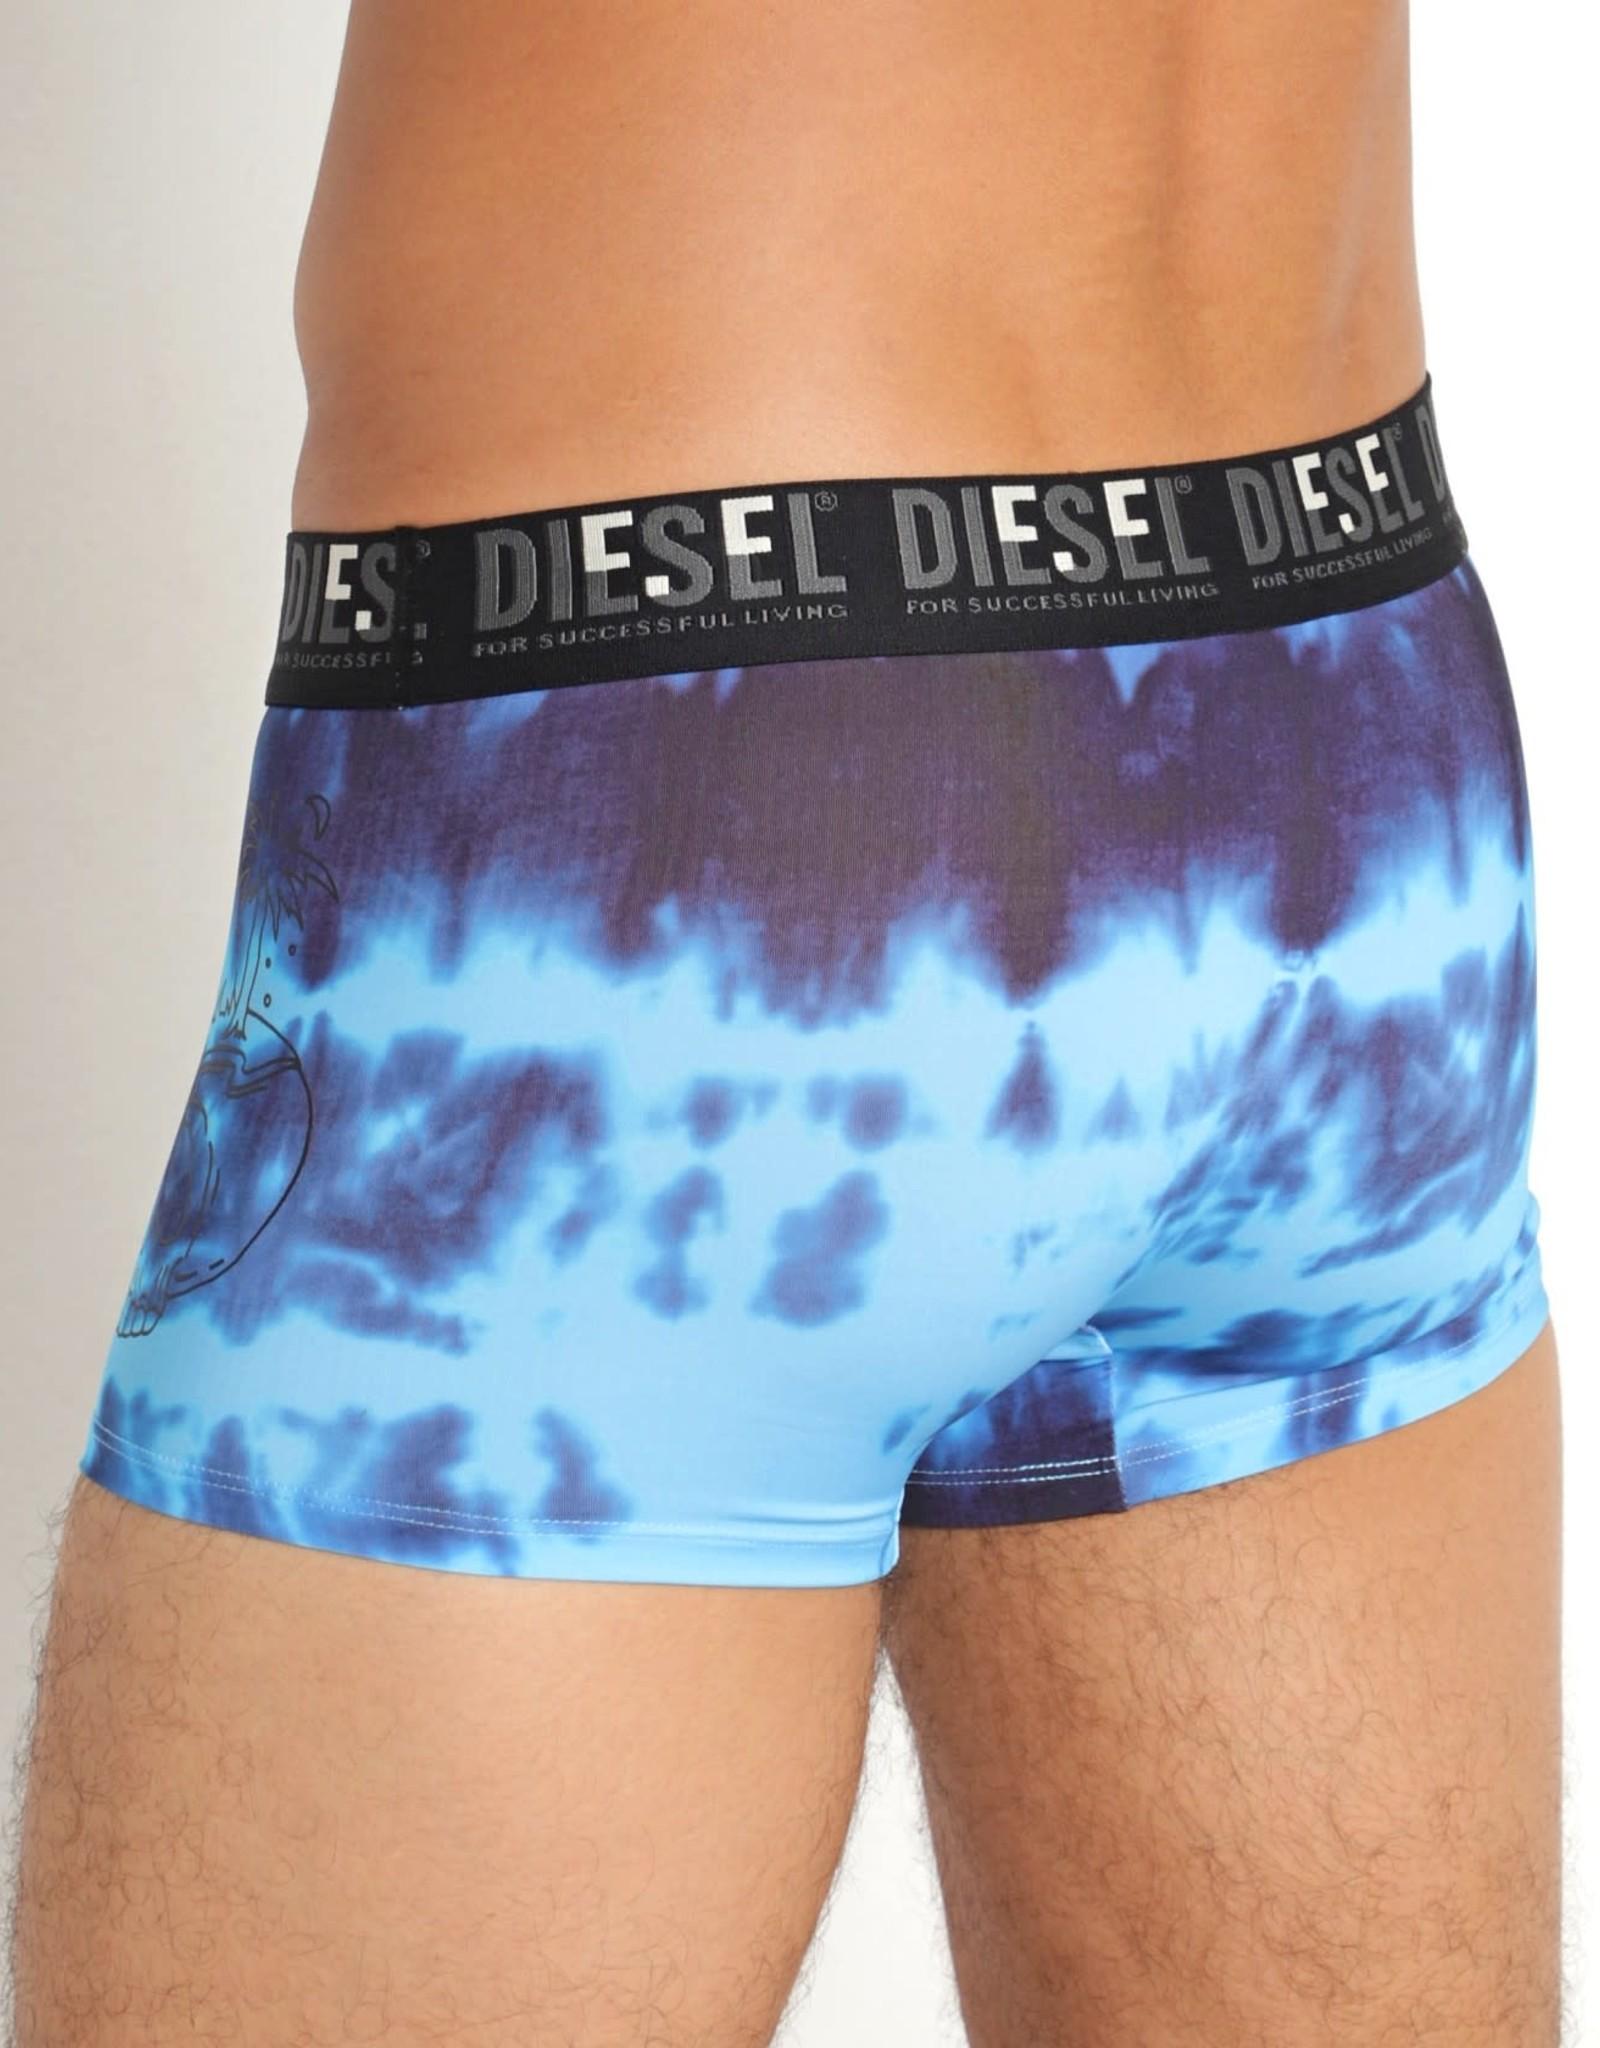 Diesel Tye Dyed 55-D Boxer (2 colors)